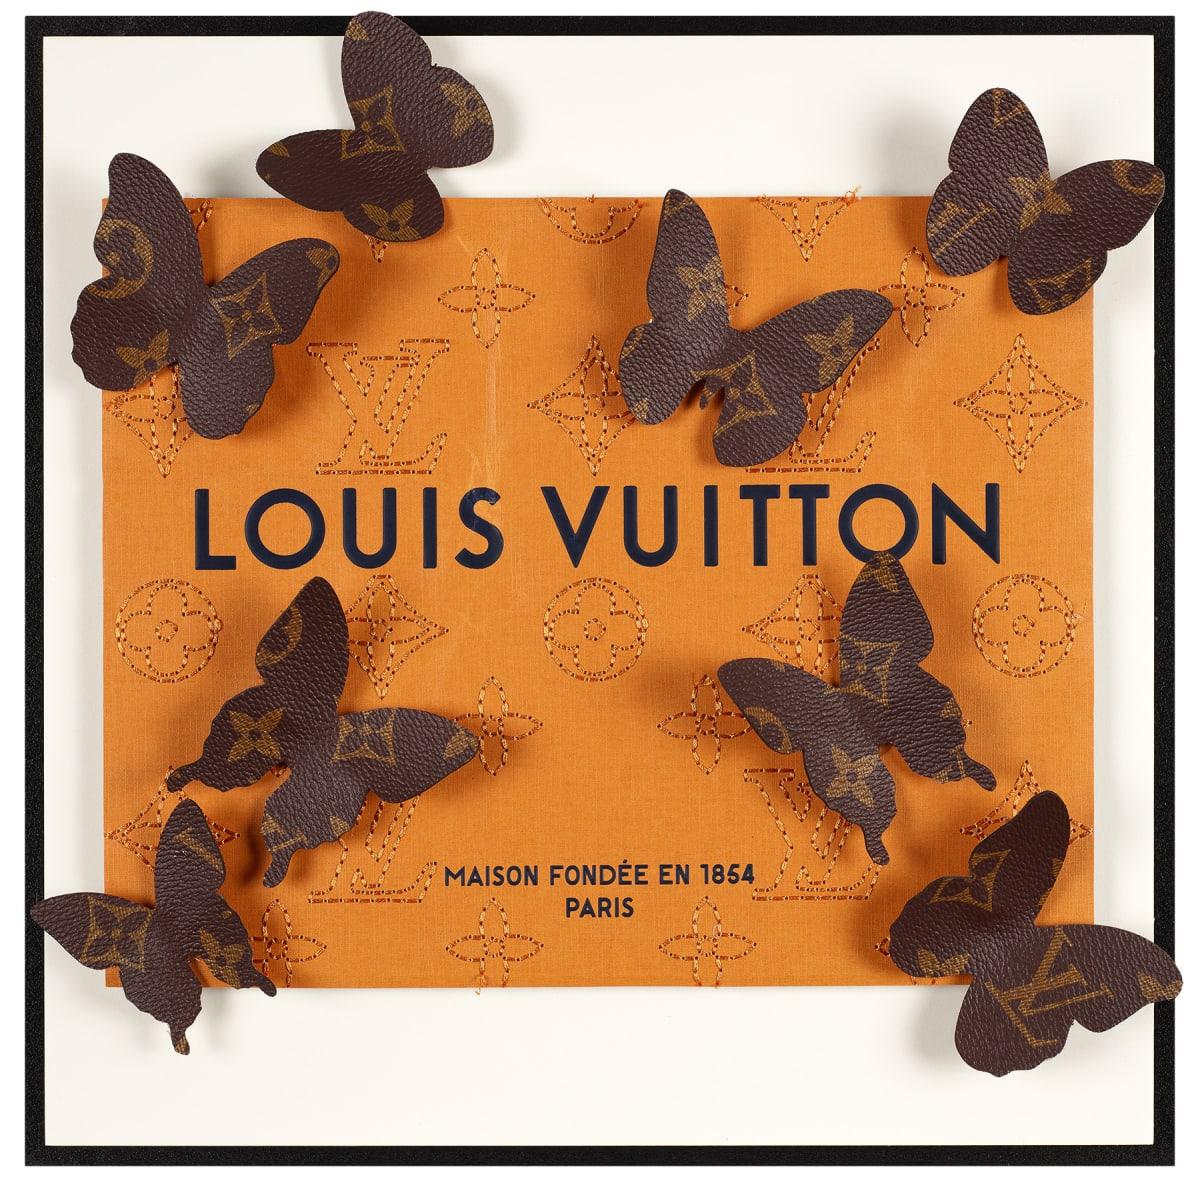 Stephen Wilson, Leather Vuitton Kaleidoscope IV, 2020